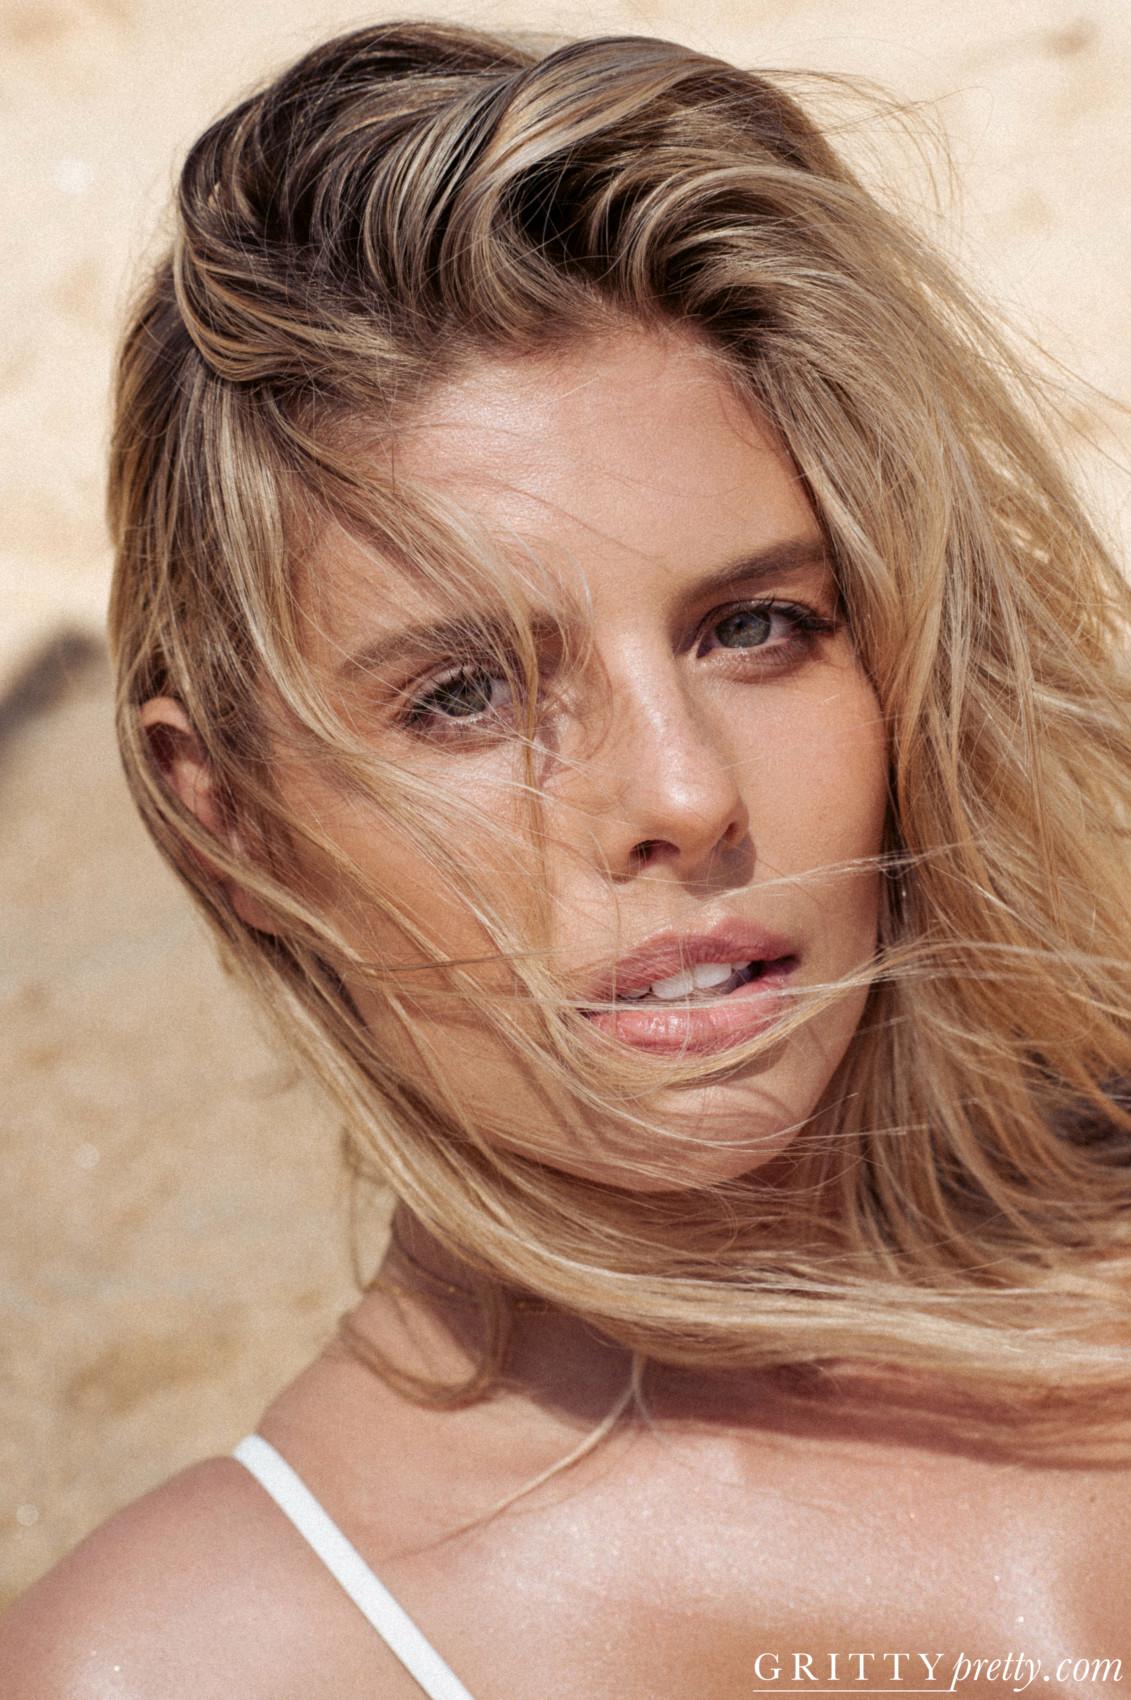 Gritty Pretty Magazine_Natasha Oakley_5